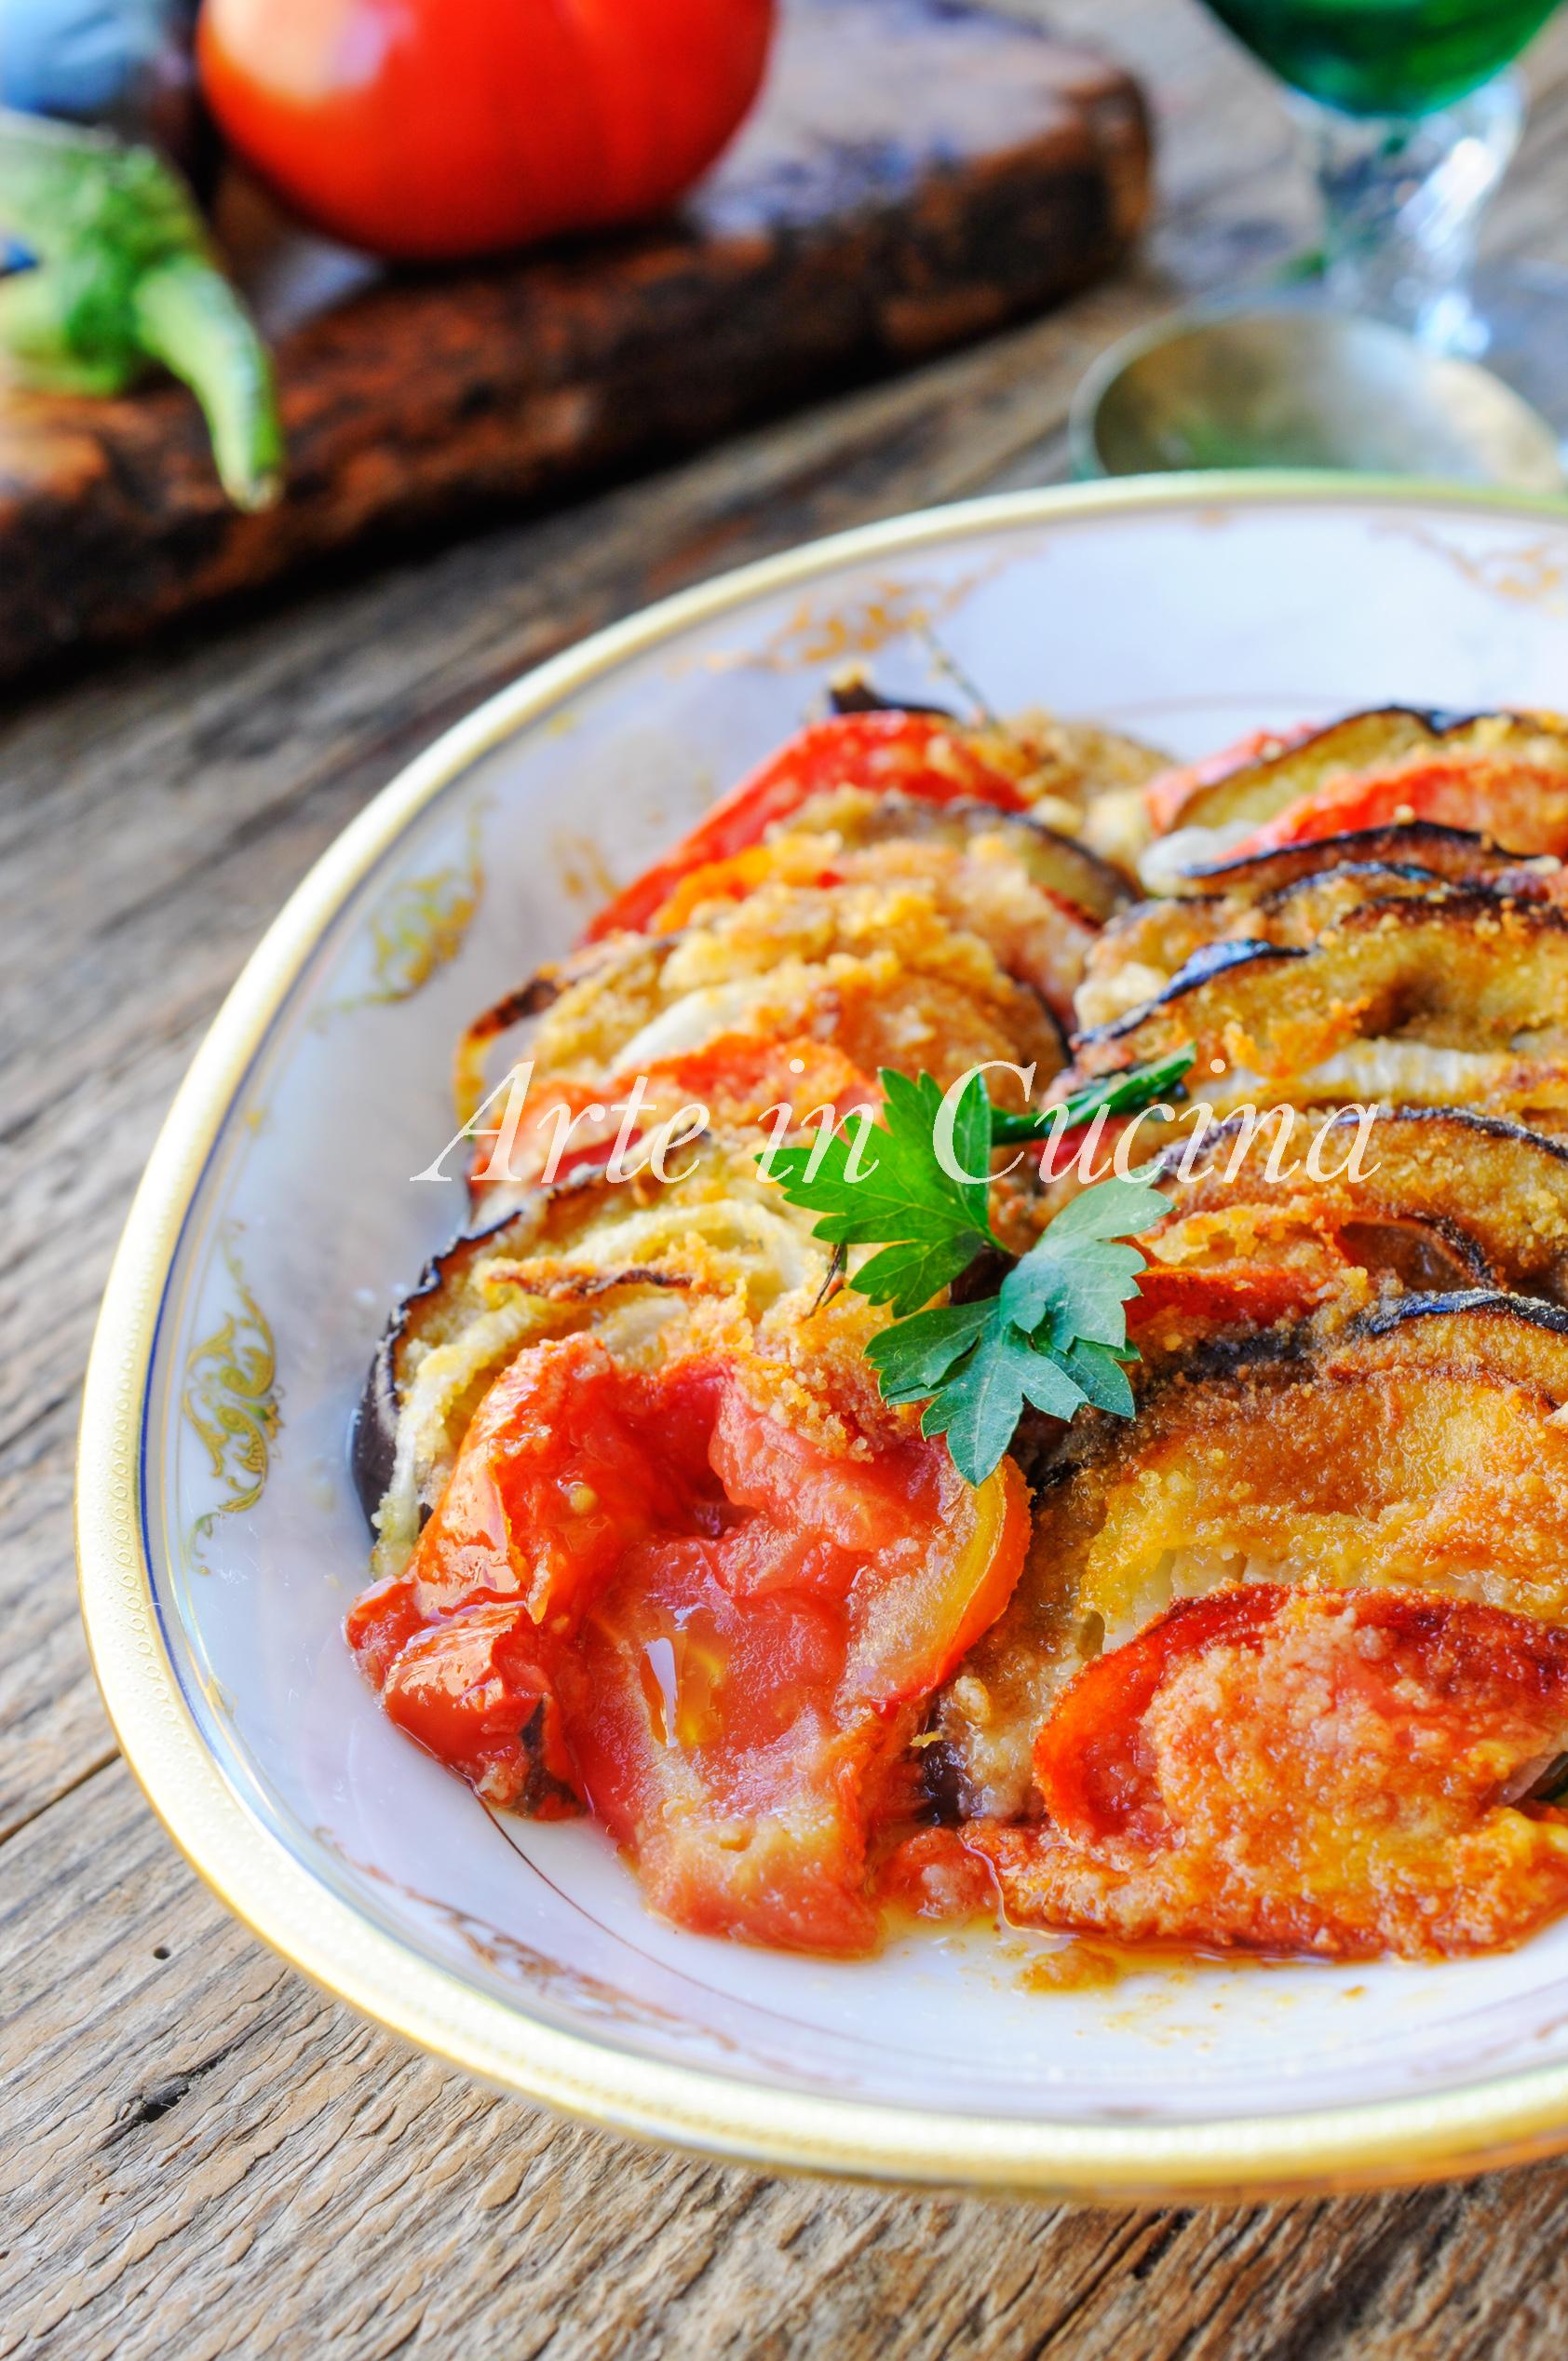 Tortino di melanzane con cipolle gratinate al forno vickyart arte in cucina